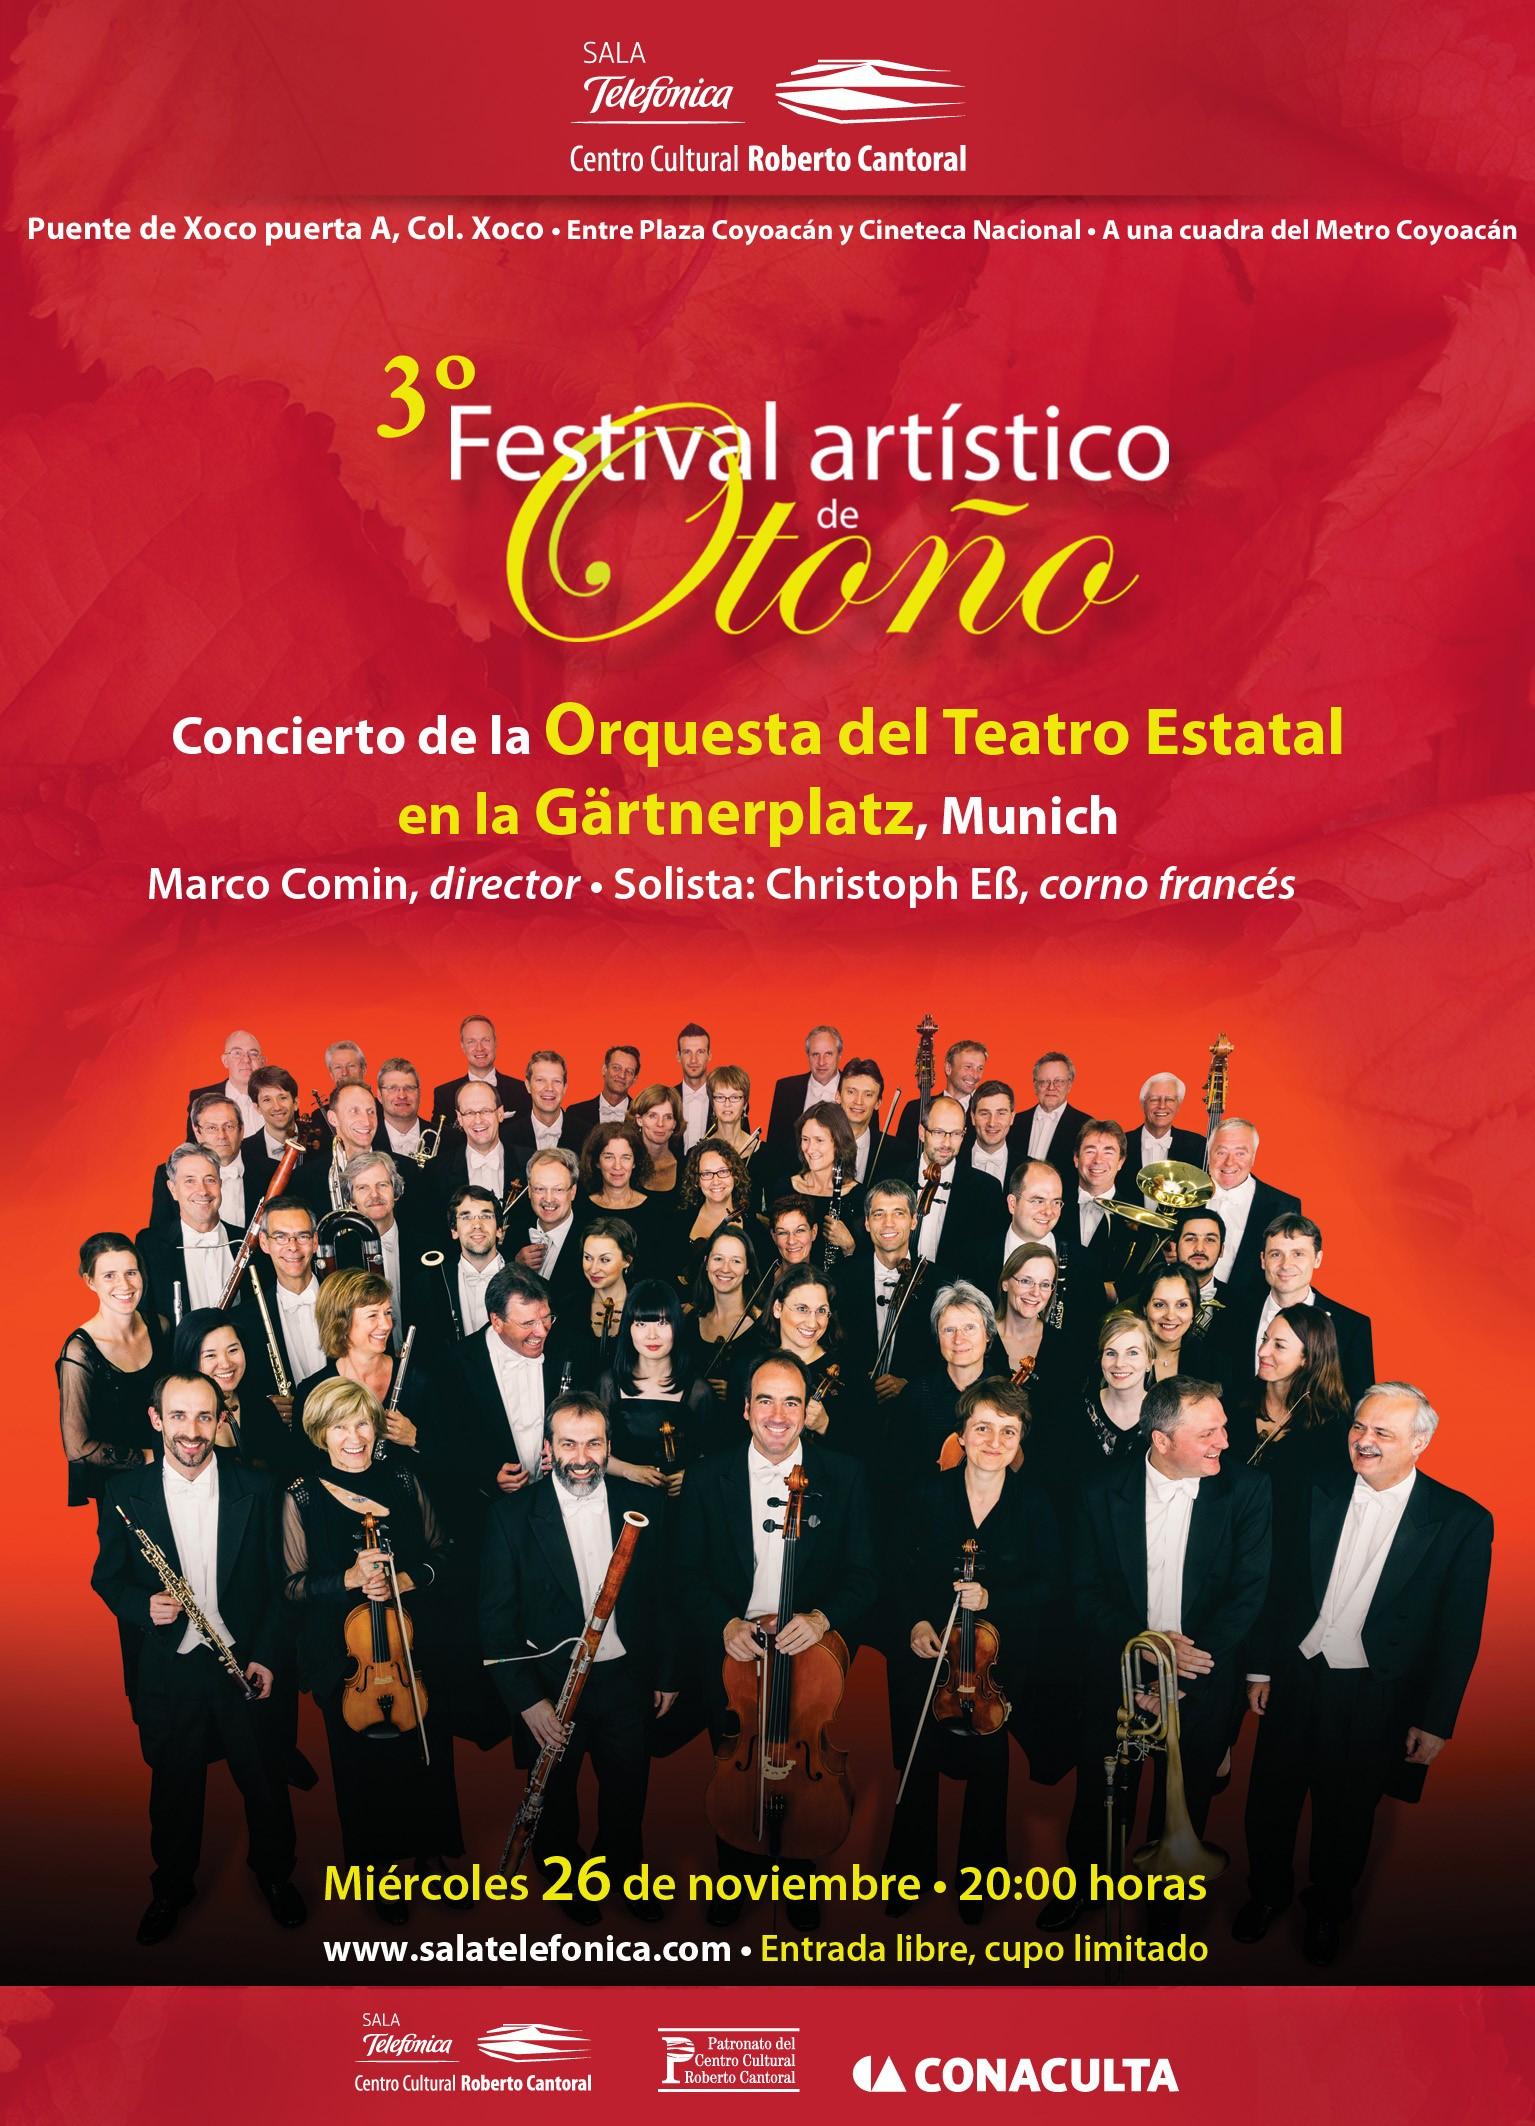 Orquesta del Teatro Estatal en la Gärtnerplatz de Munich GRATIS (DF)